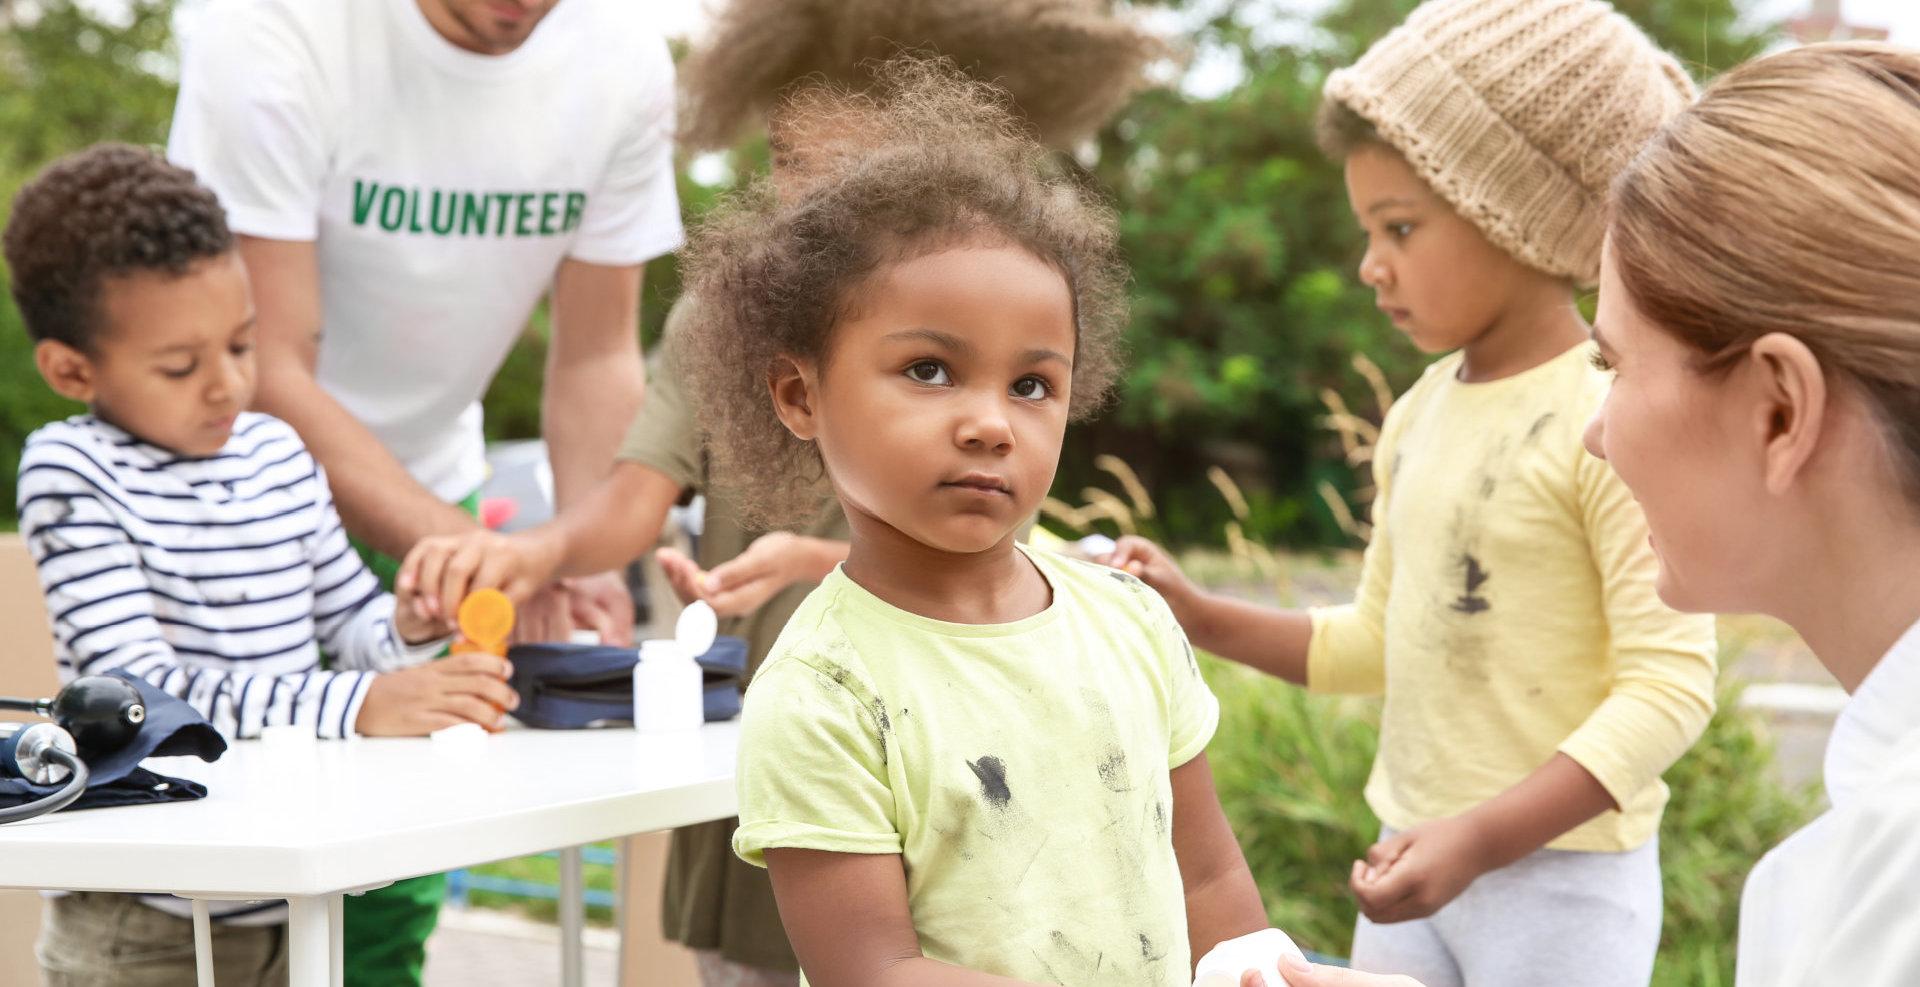 Volunteers giving vitamin tablets to poor African children outdoors